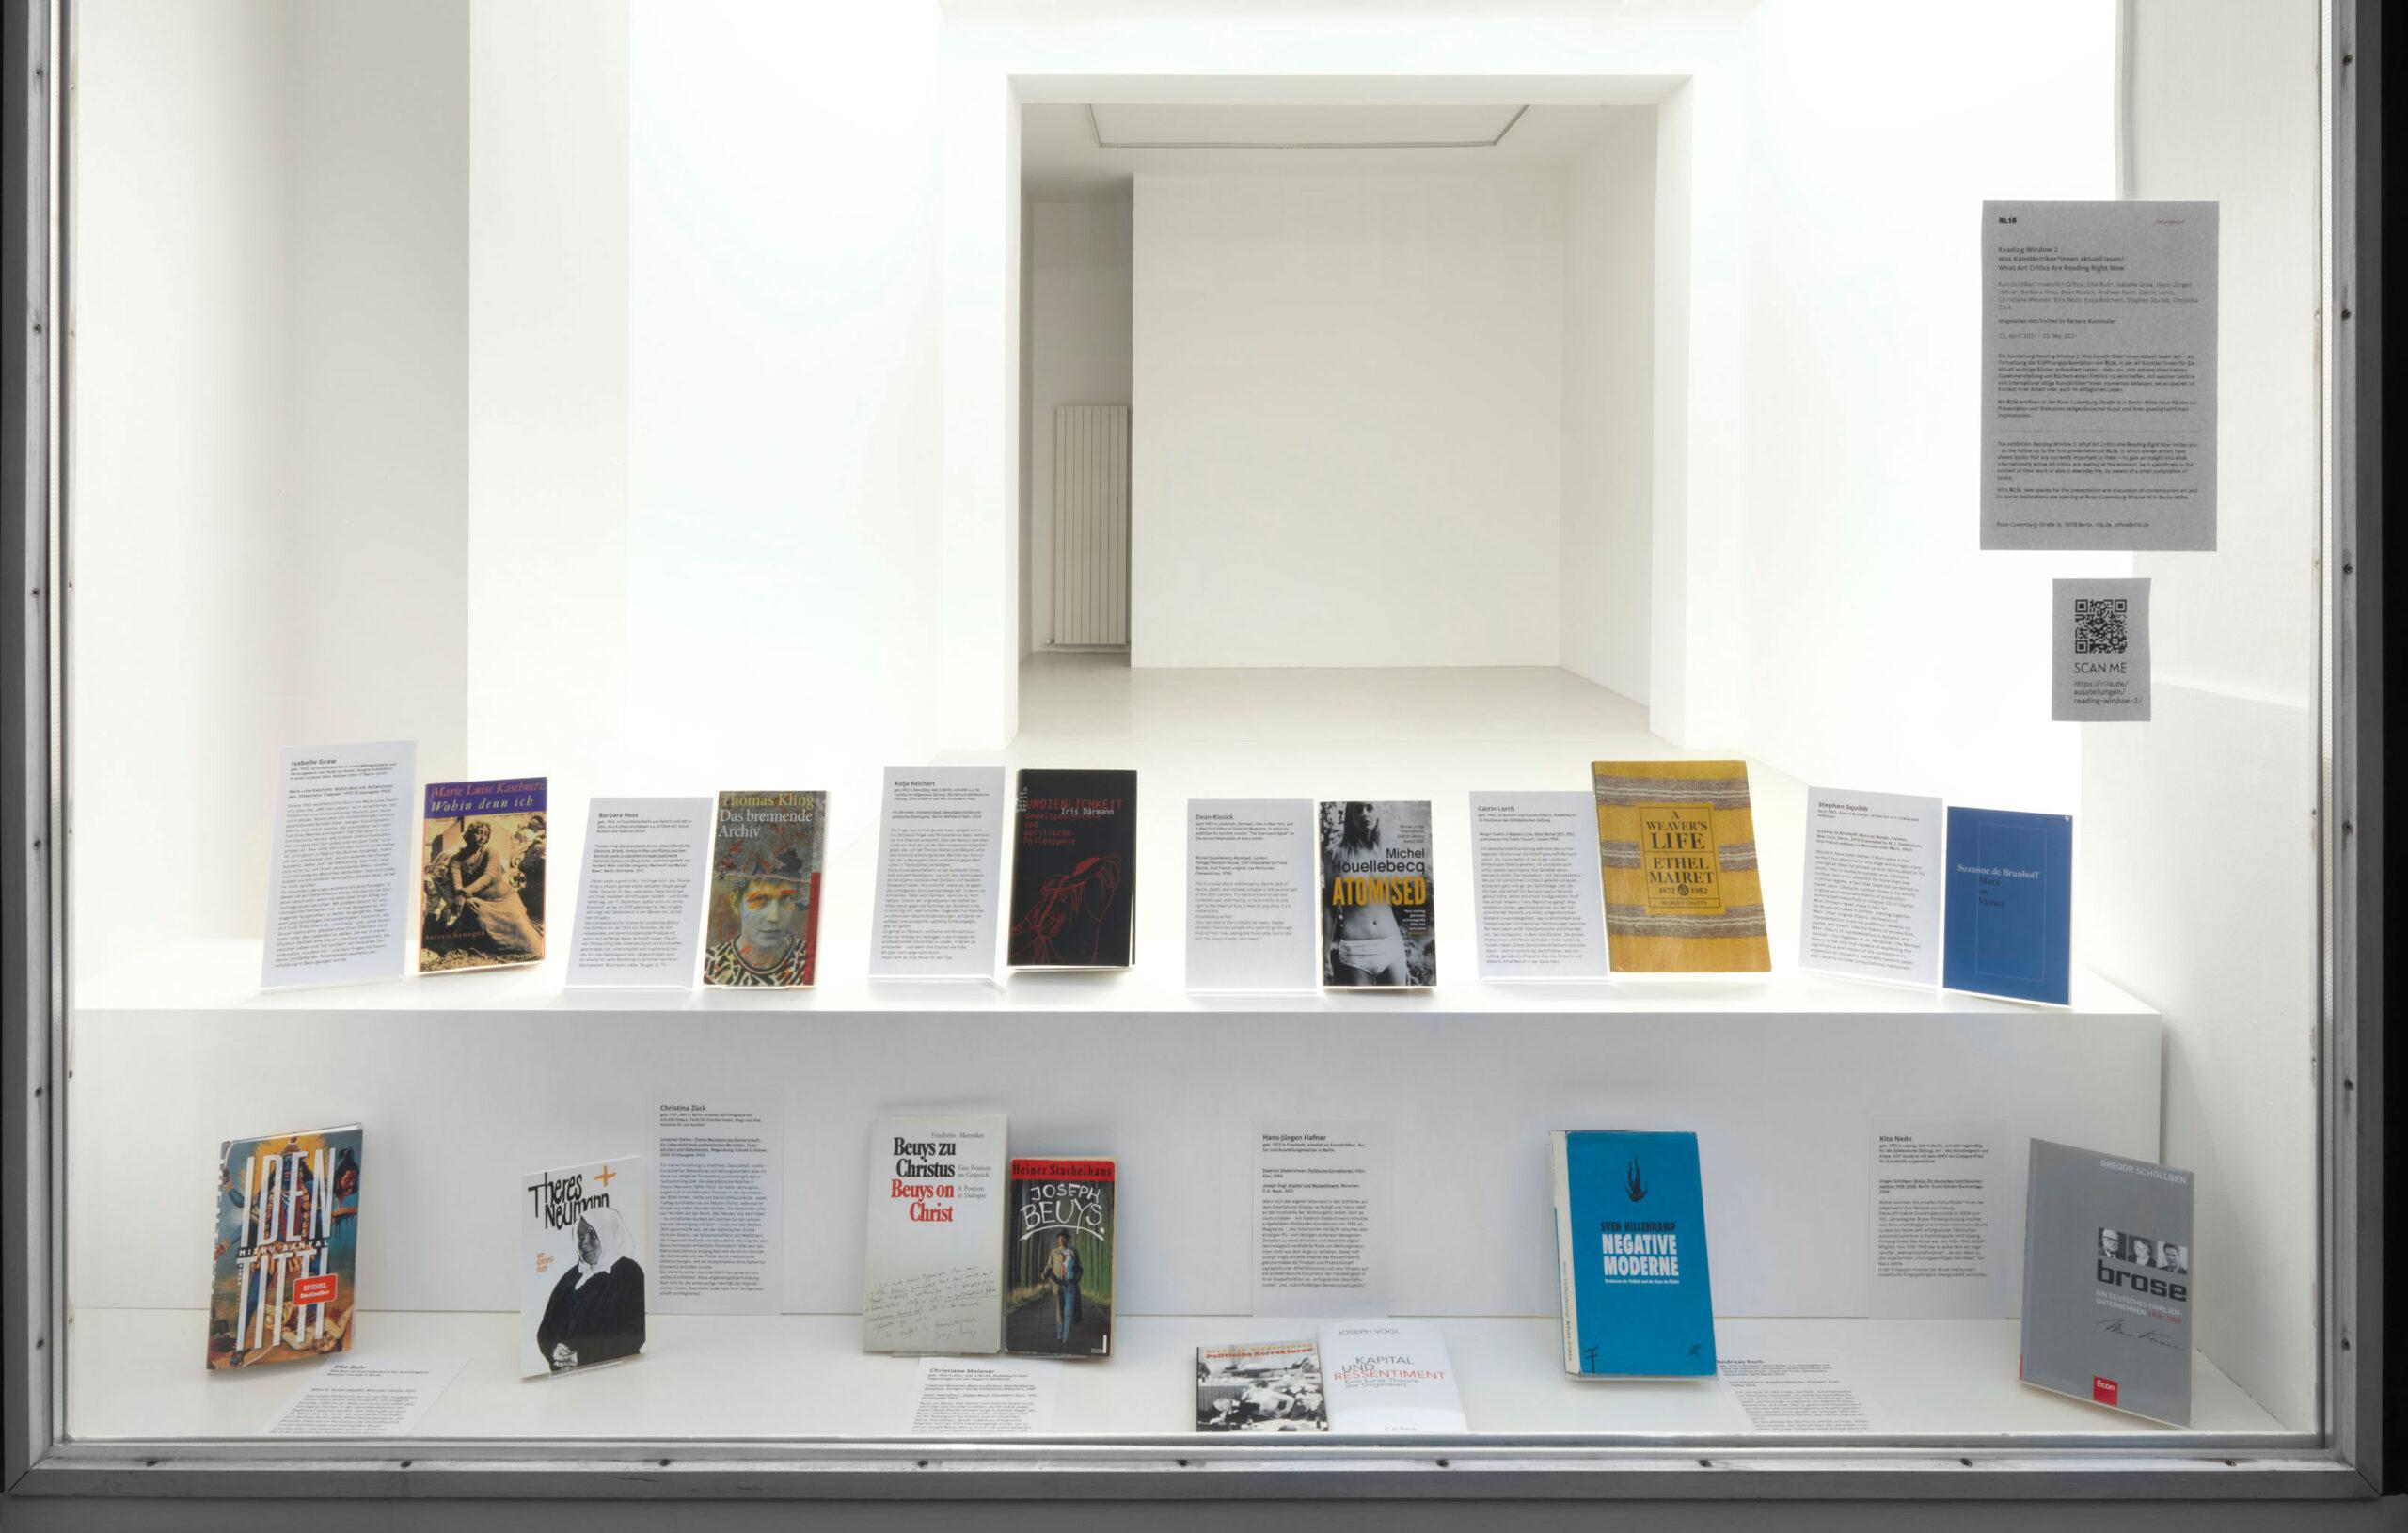 Was liest die Kunstkritik? RL16 gibt mit einer Schaufensterausstellung Antworten darauf. Foto: Jens Ziehe